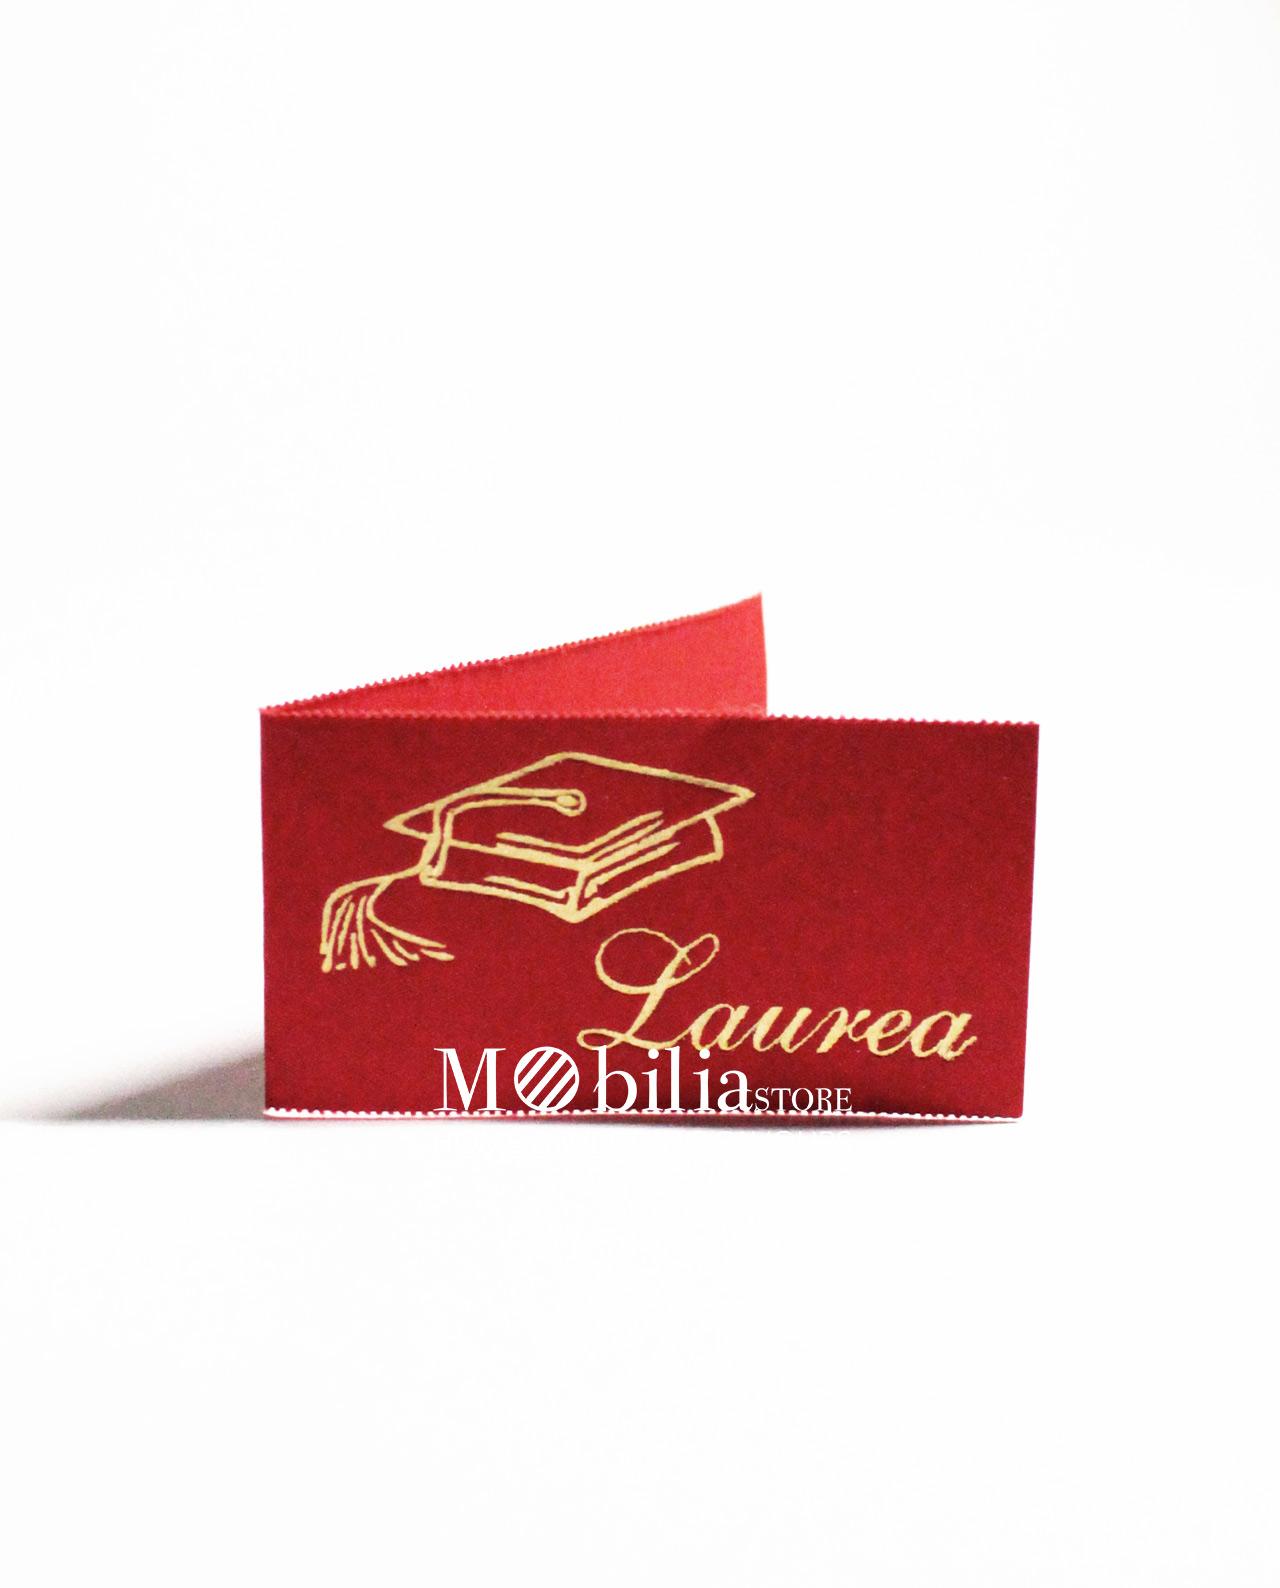 Amato Bigliettini bomboniere laurea con tocco set 10 pz - Mobilia Store  KU71